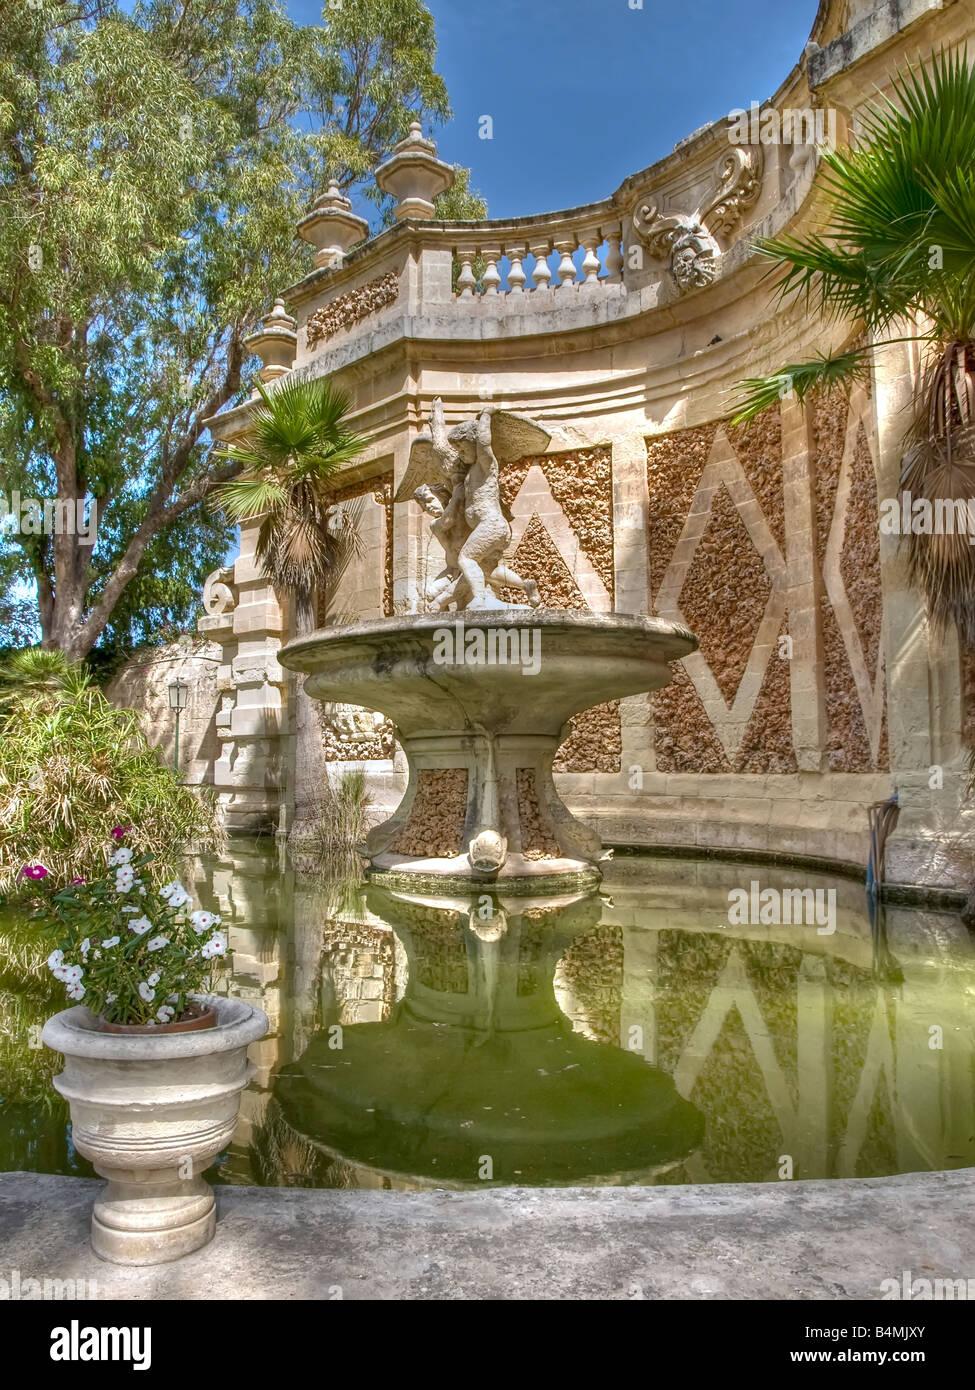 A medieval fountain in a public garden in Malta Stock Photo ...